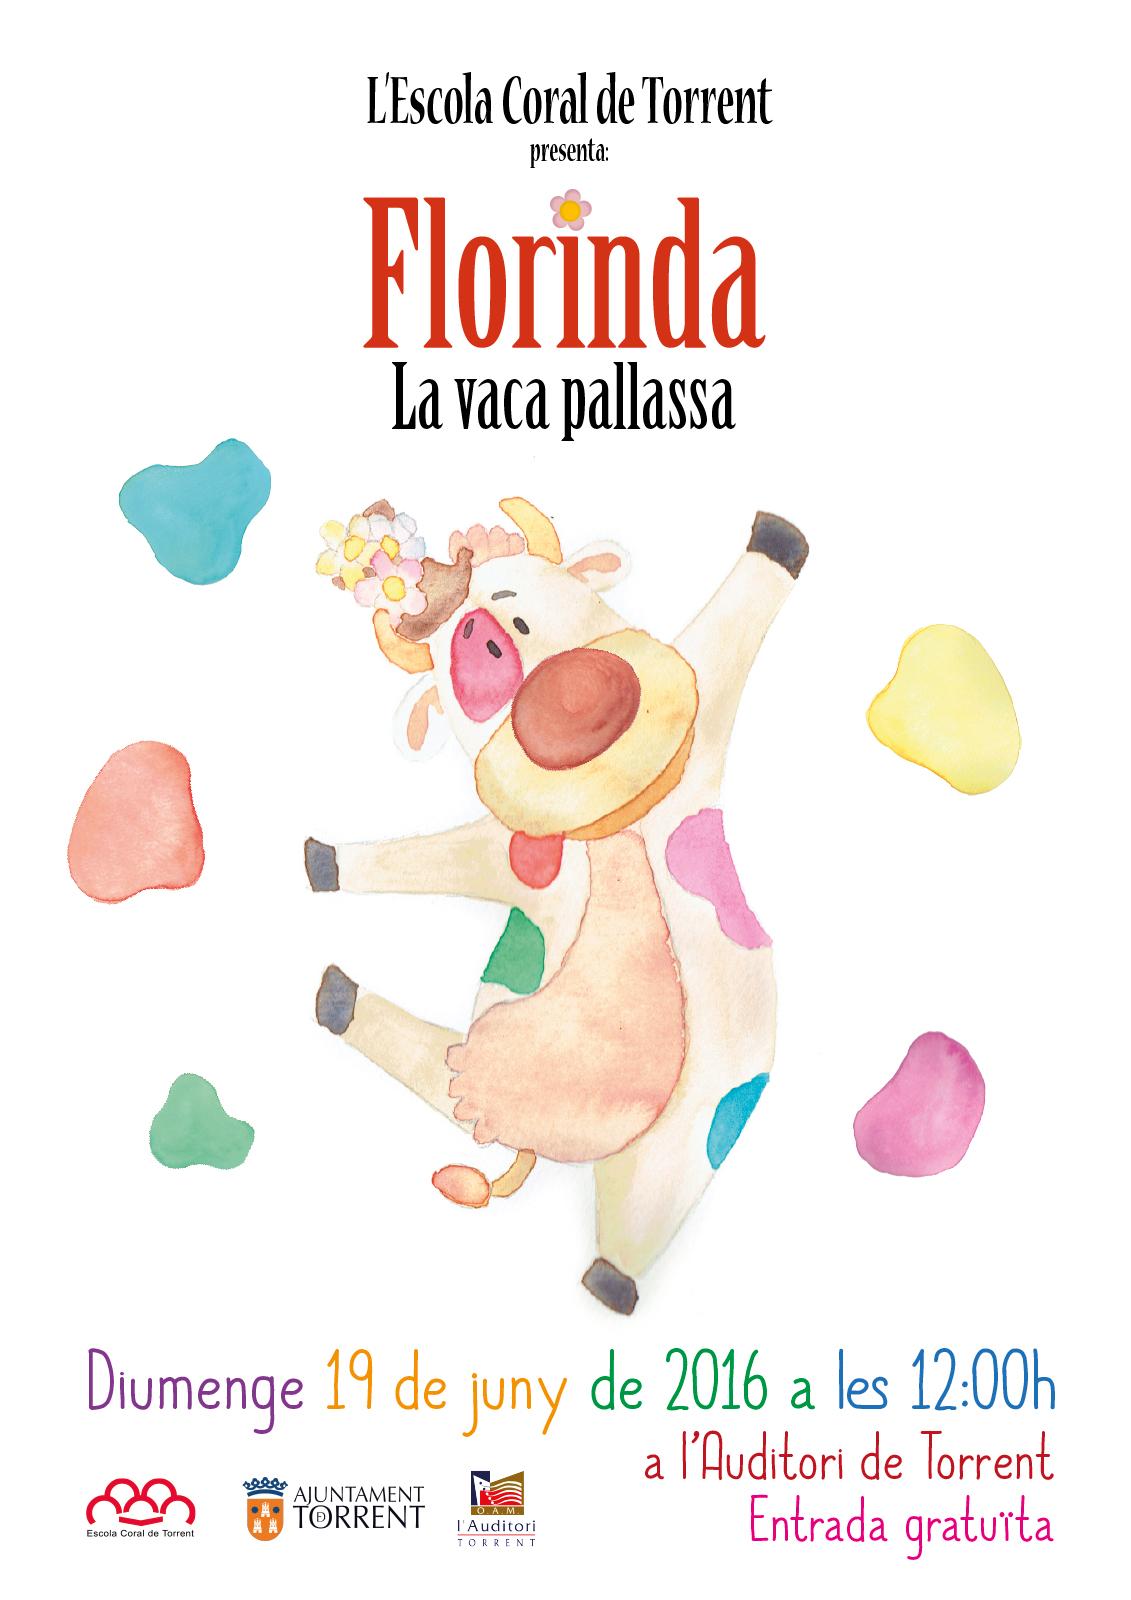 Cartel concierto La Vaca Florinda de la Escola Coral de Torrent